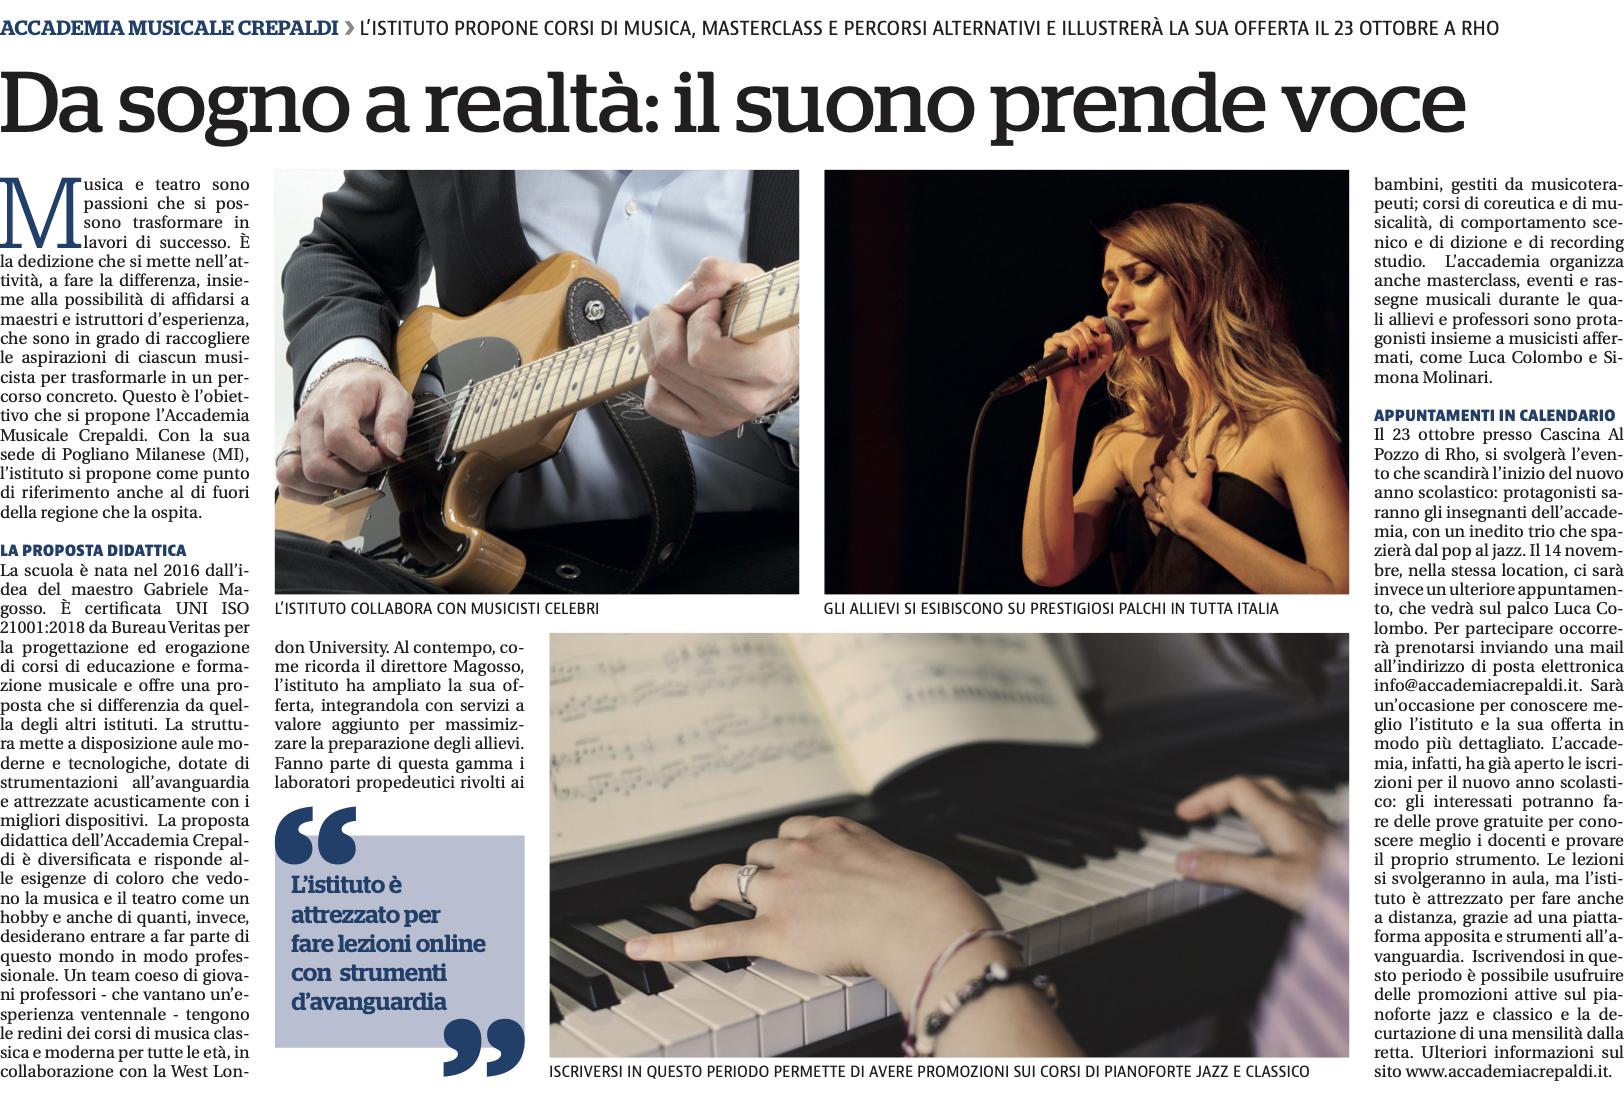 La nostra intervista su La Repubblica